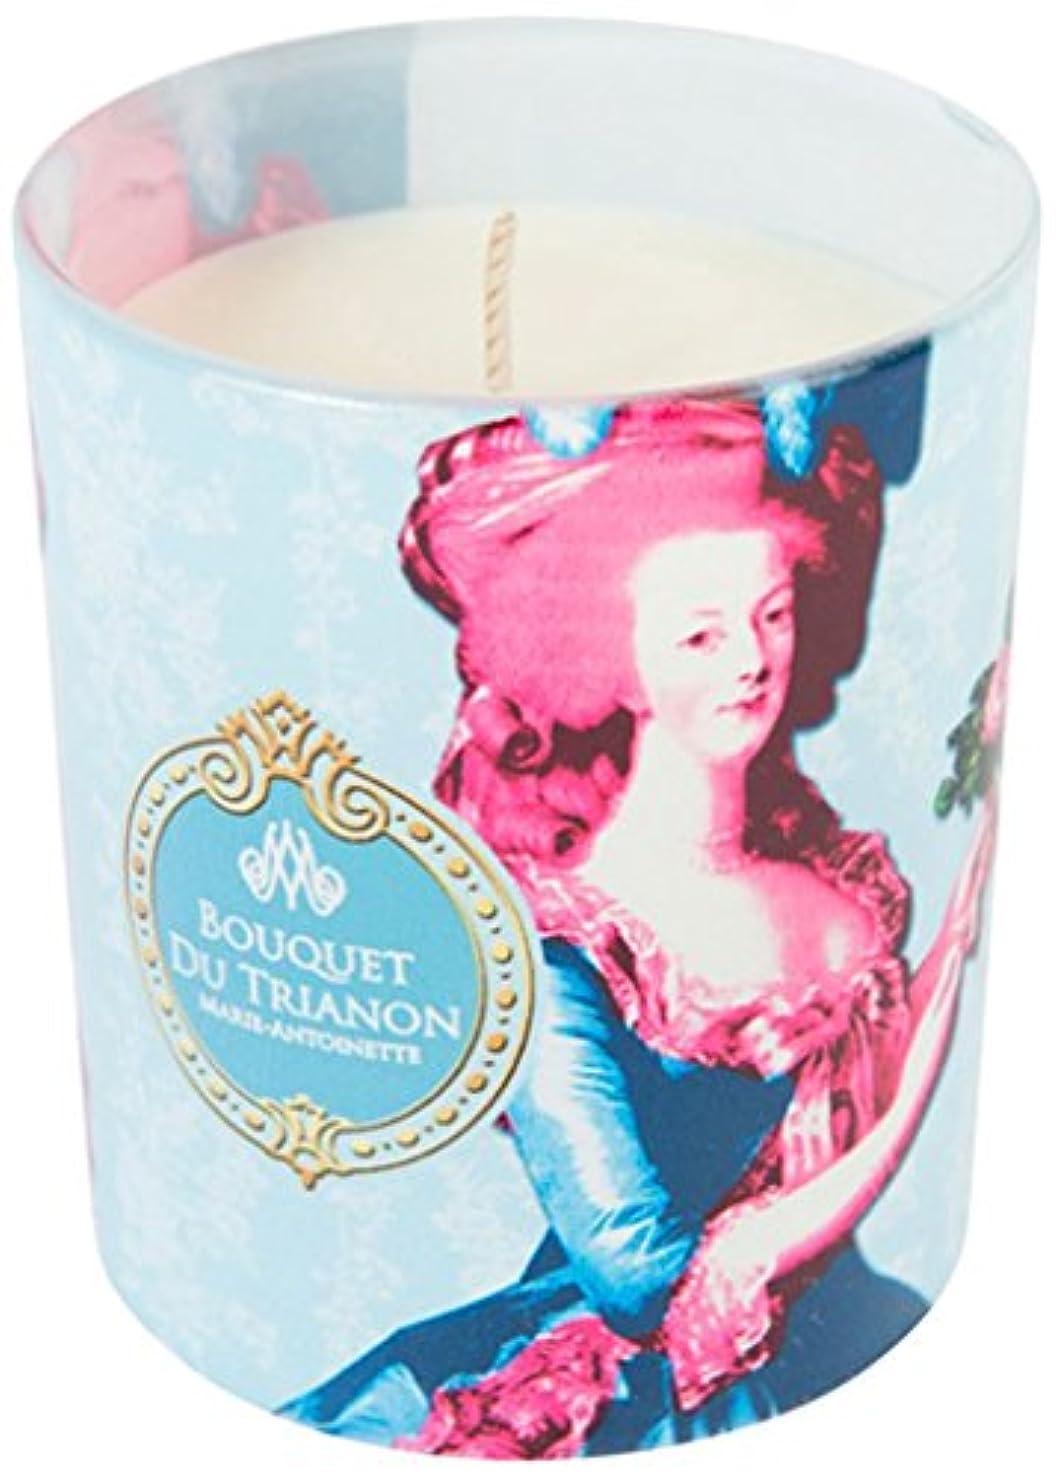 素子実装する励起ヒストリア ポップアートキャンドル ブーケトリアノン 色とりどりの花のブーケの香り